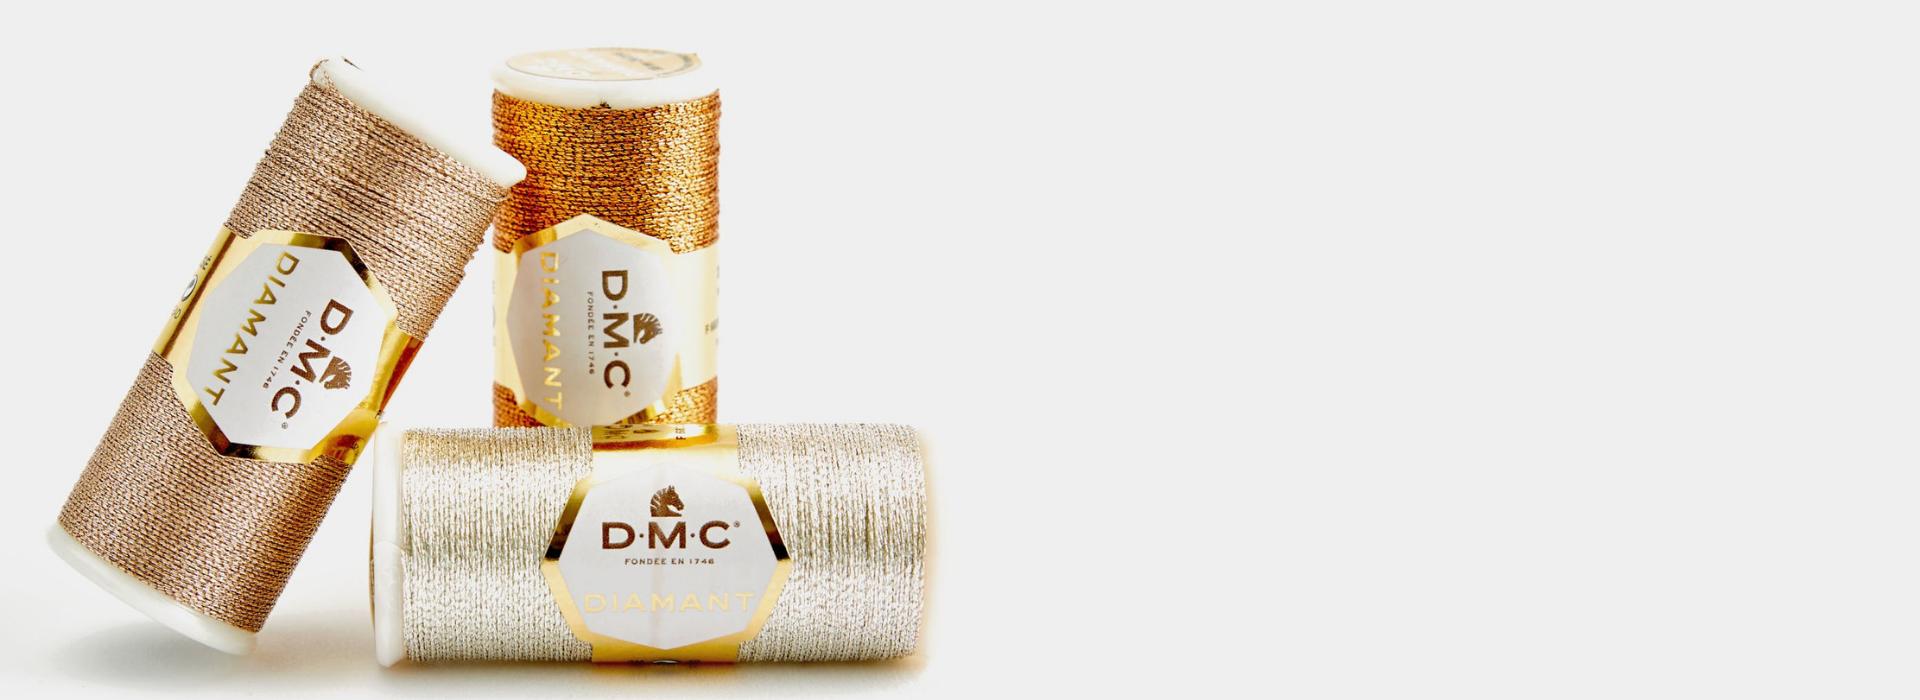 DMC Diamant hímzőfonal